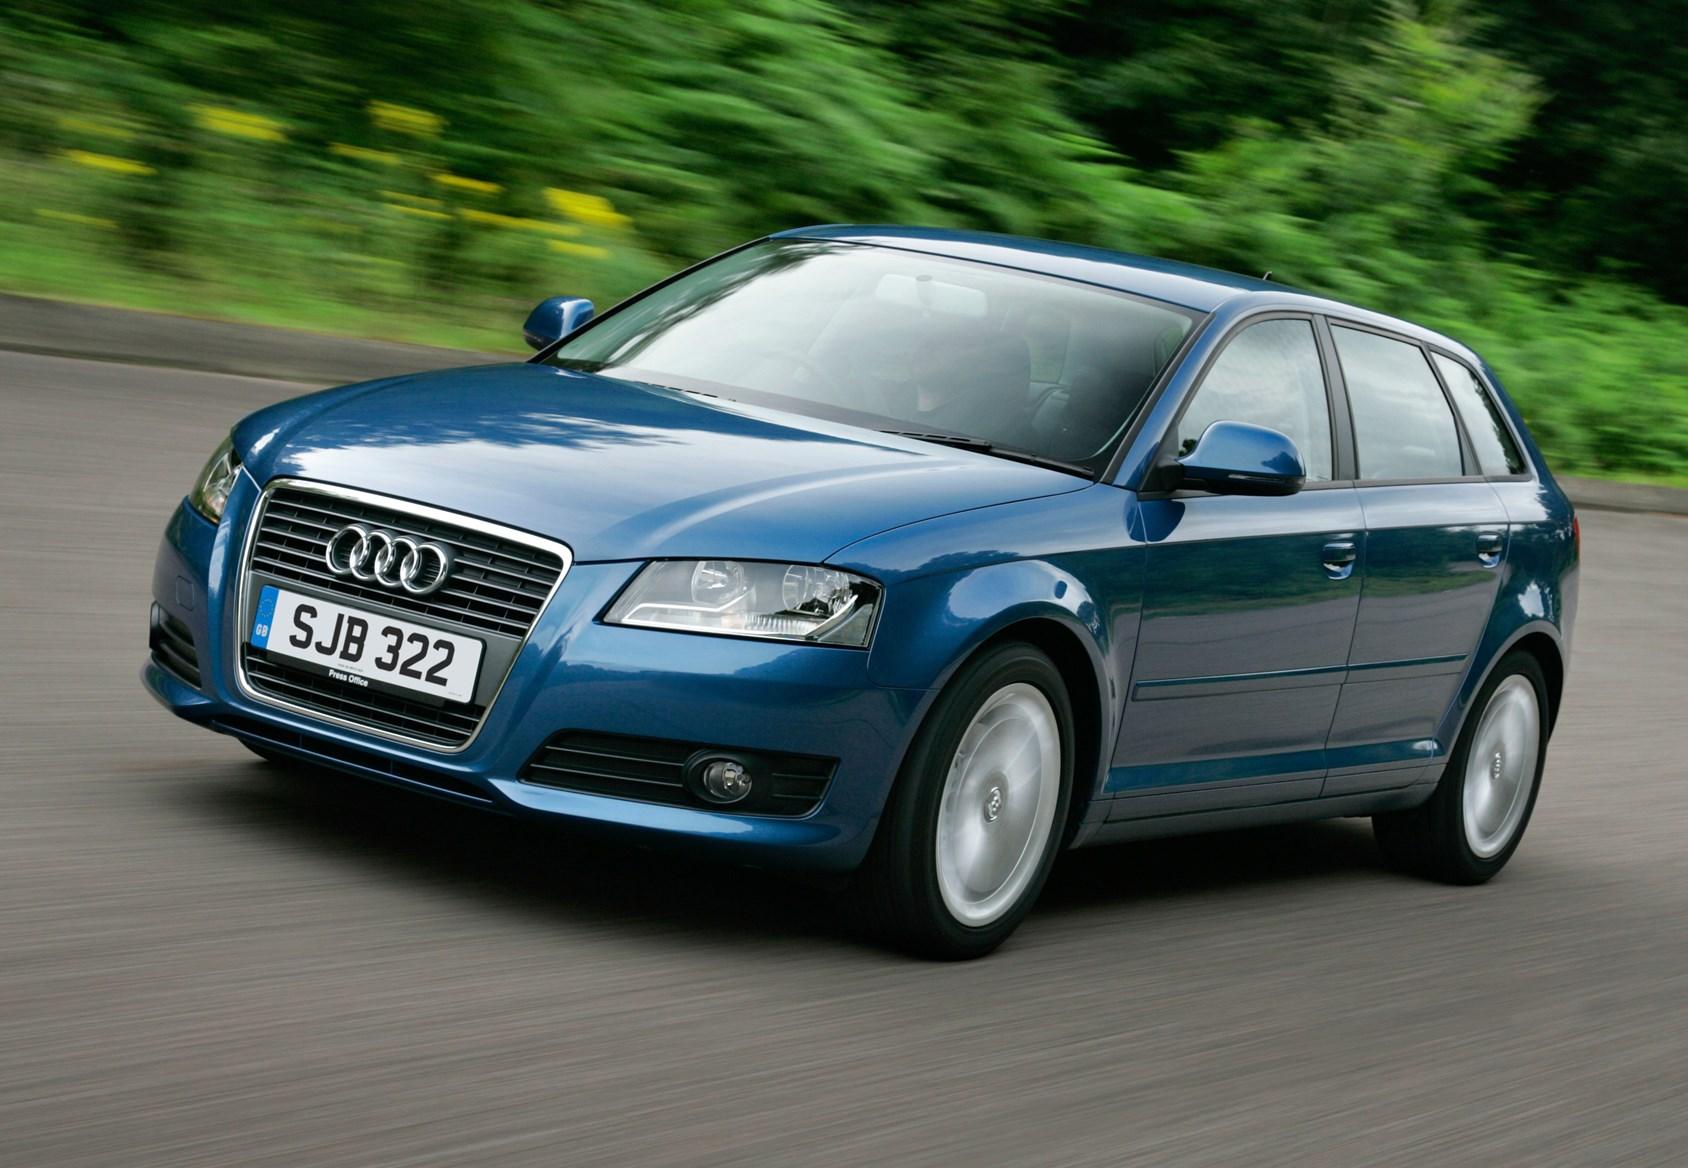 Audi A3 Sportback Review (2004 - 2013) | Parkers